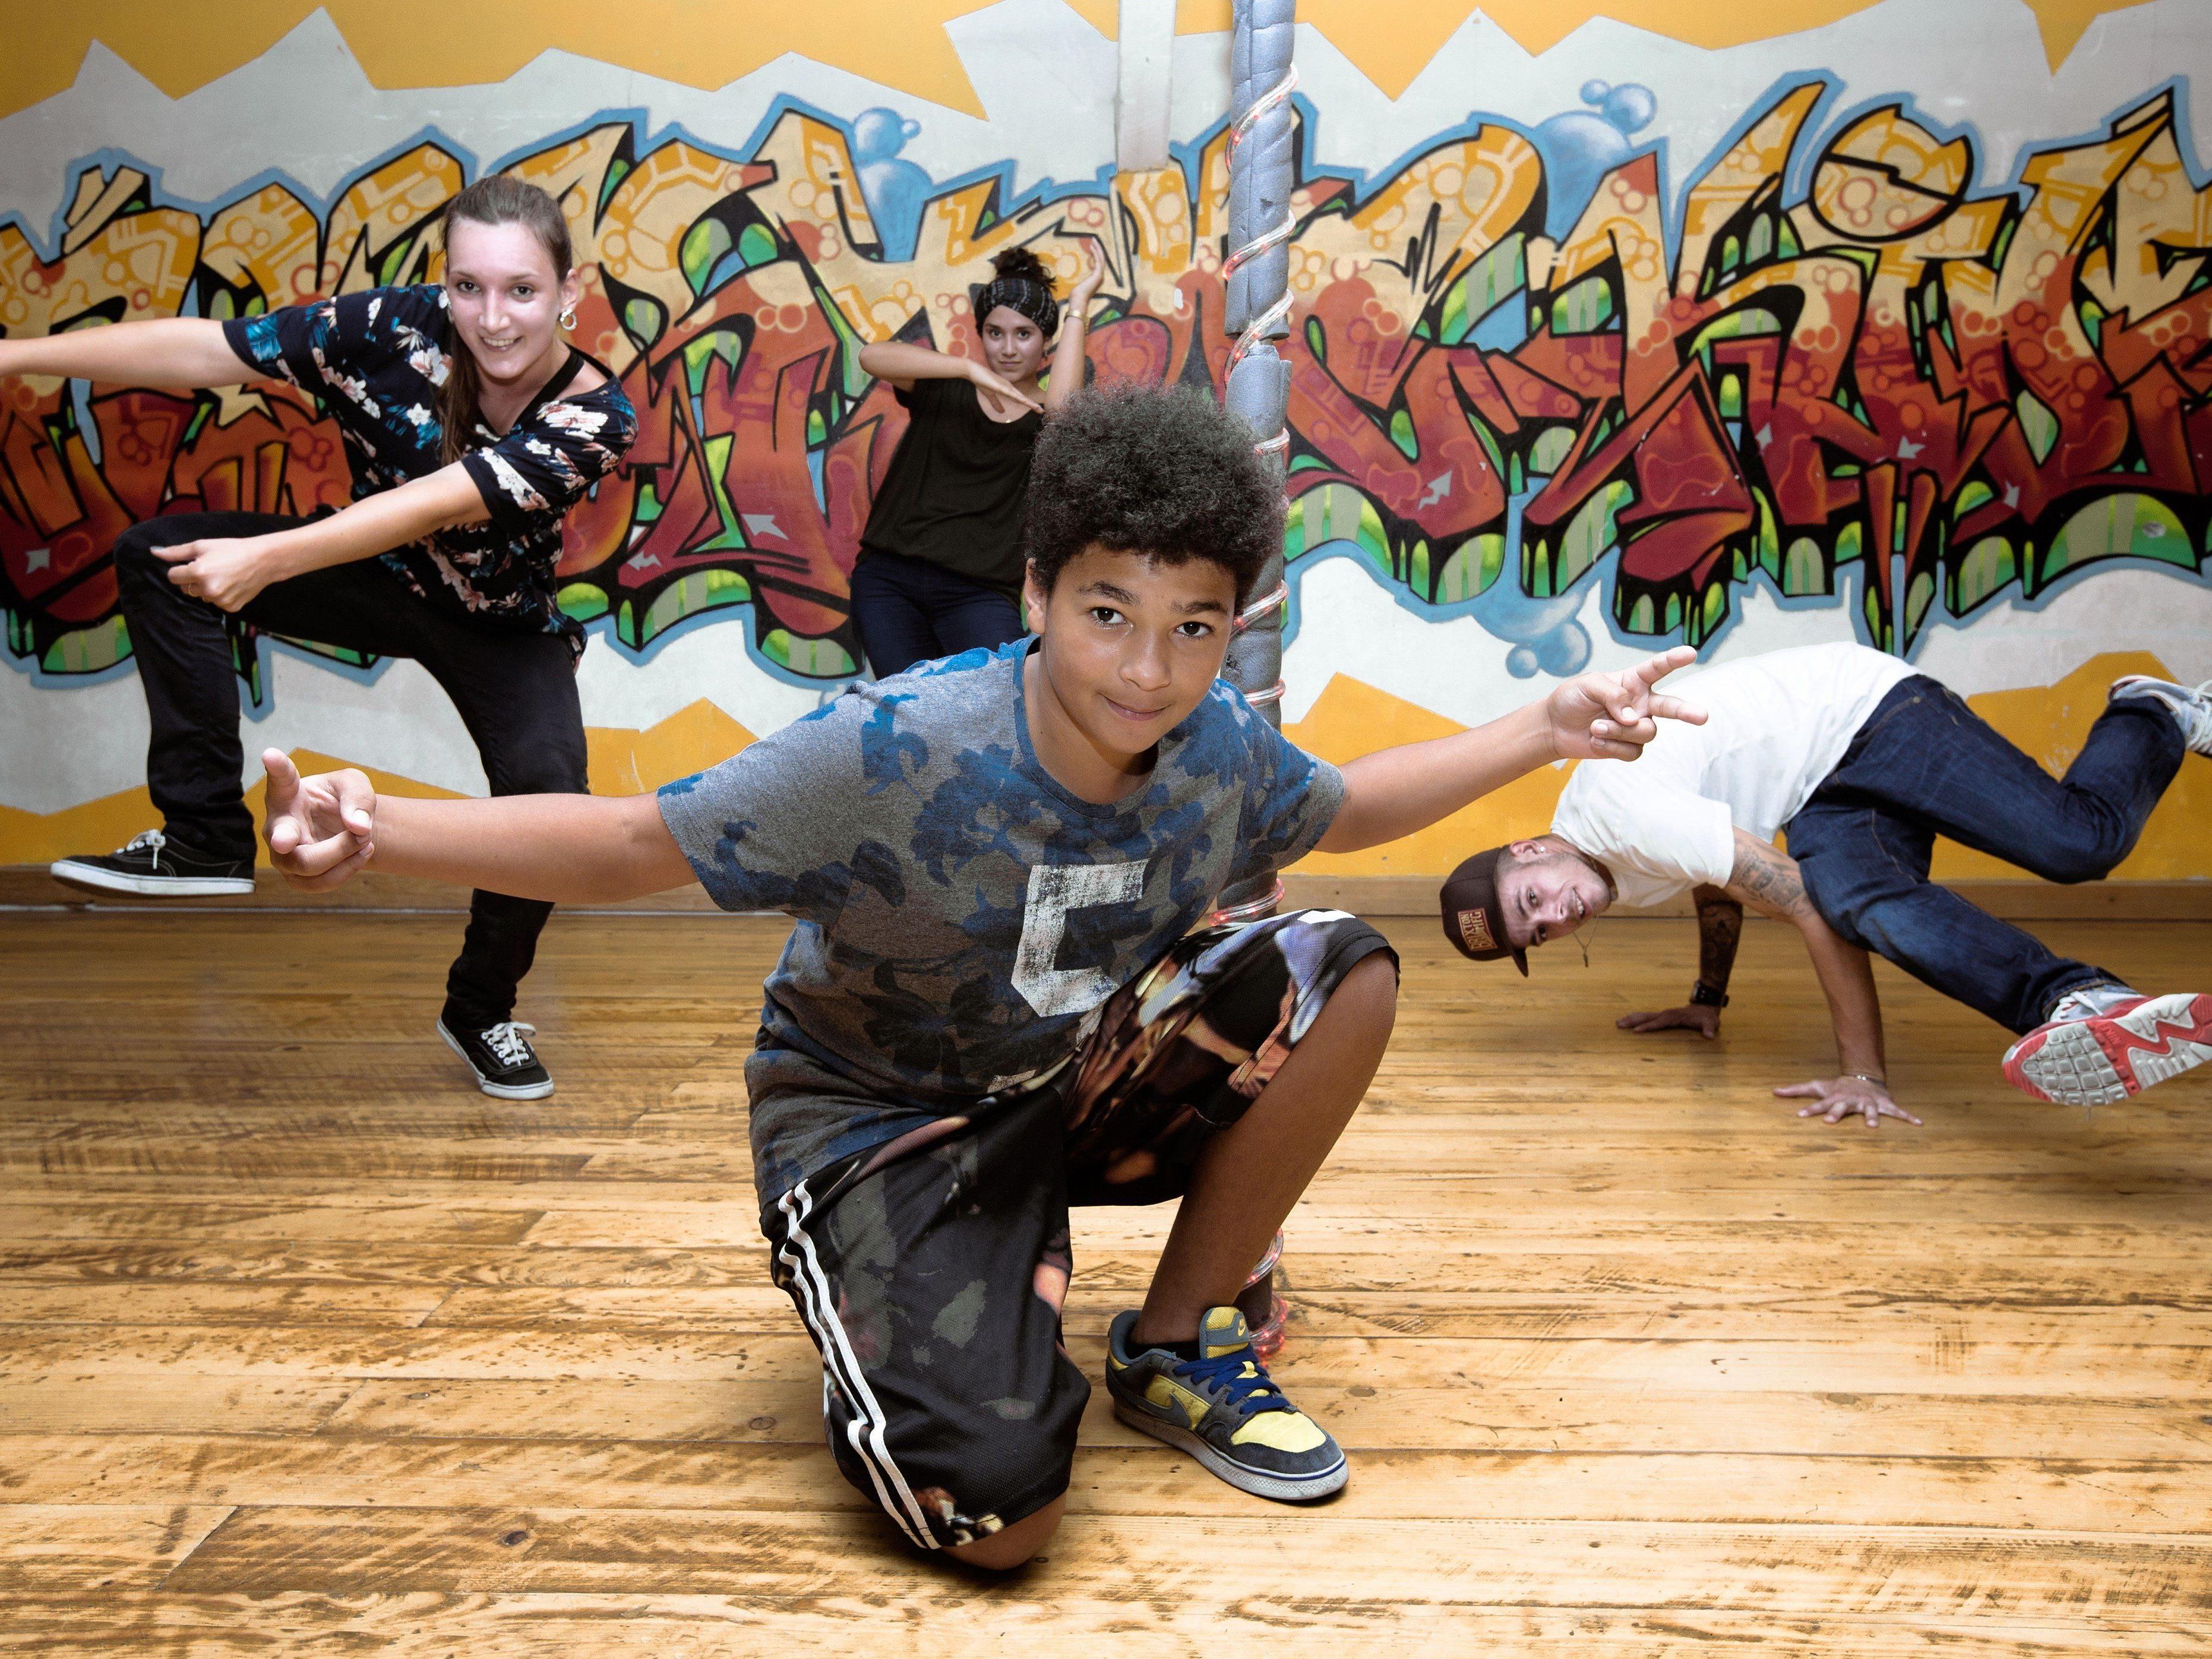 Jetzt ist die ideale Gelegenheit, um einmal in die FRK Dance School zu schnuppern.